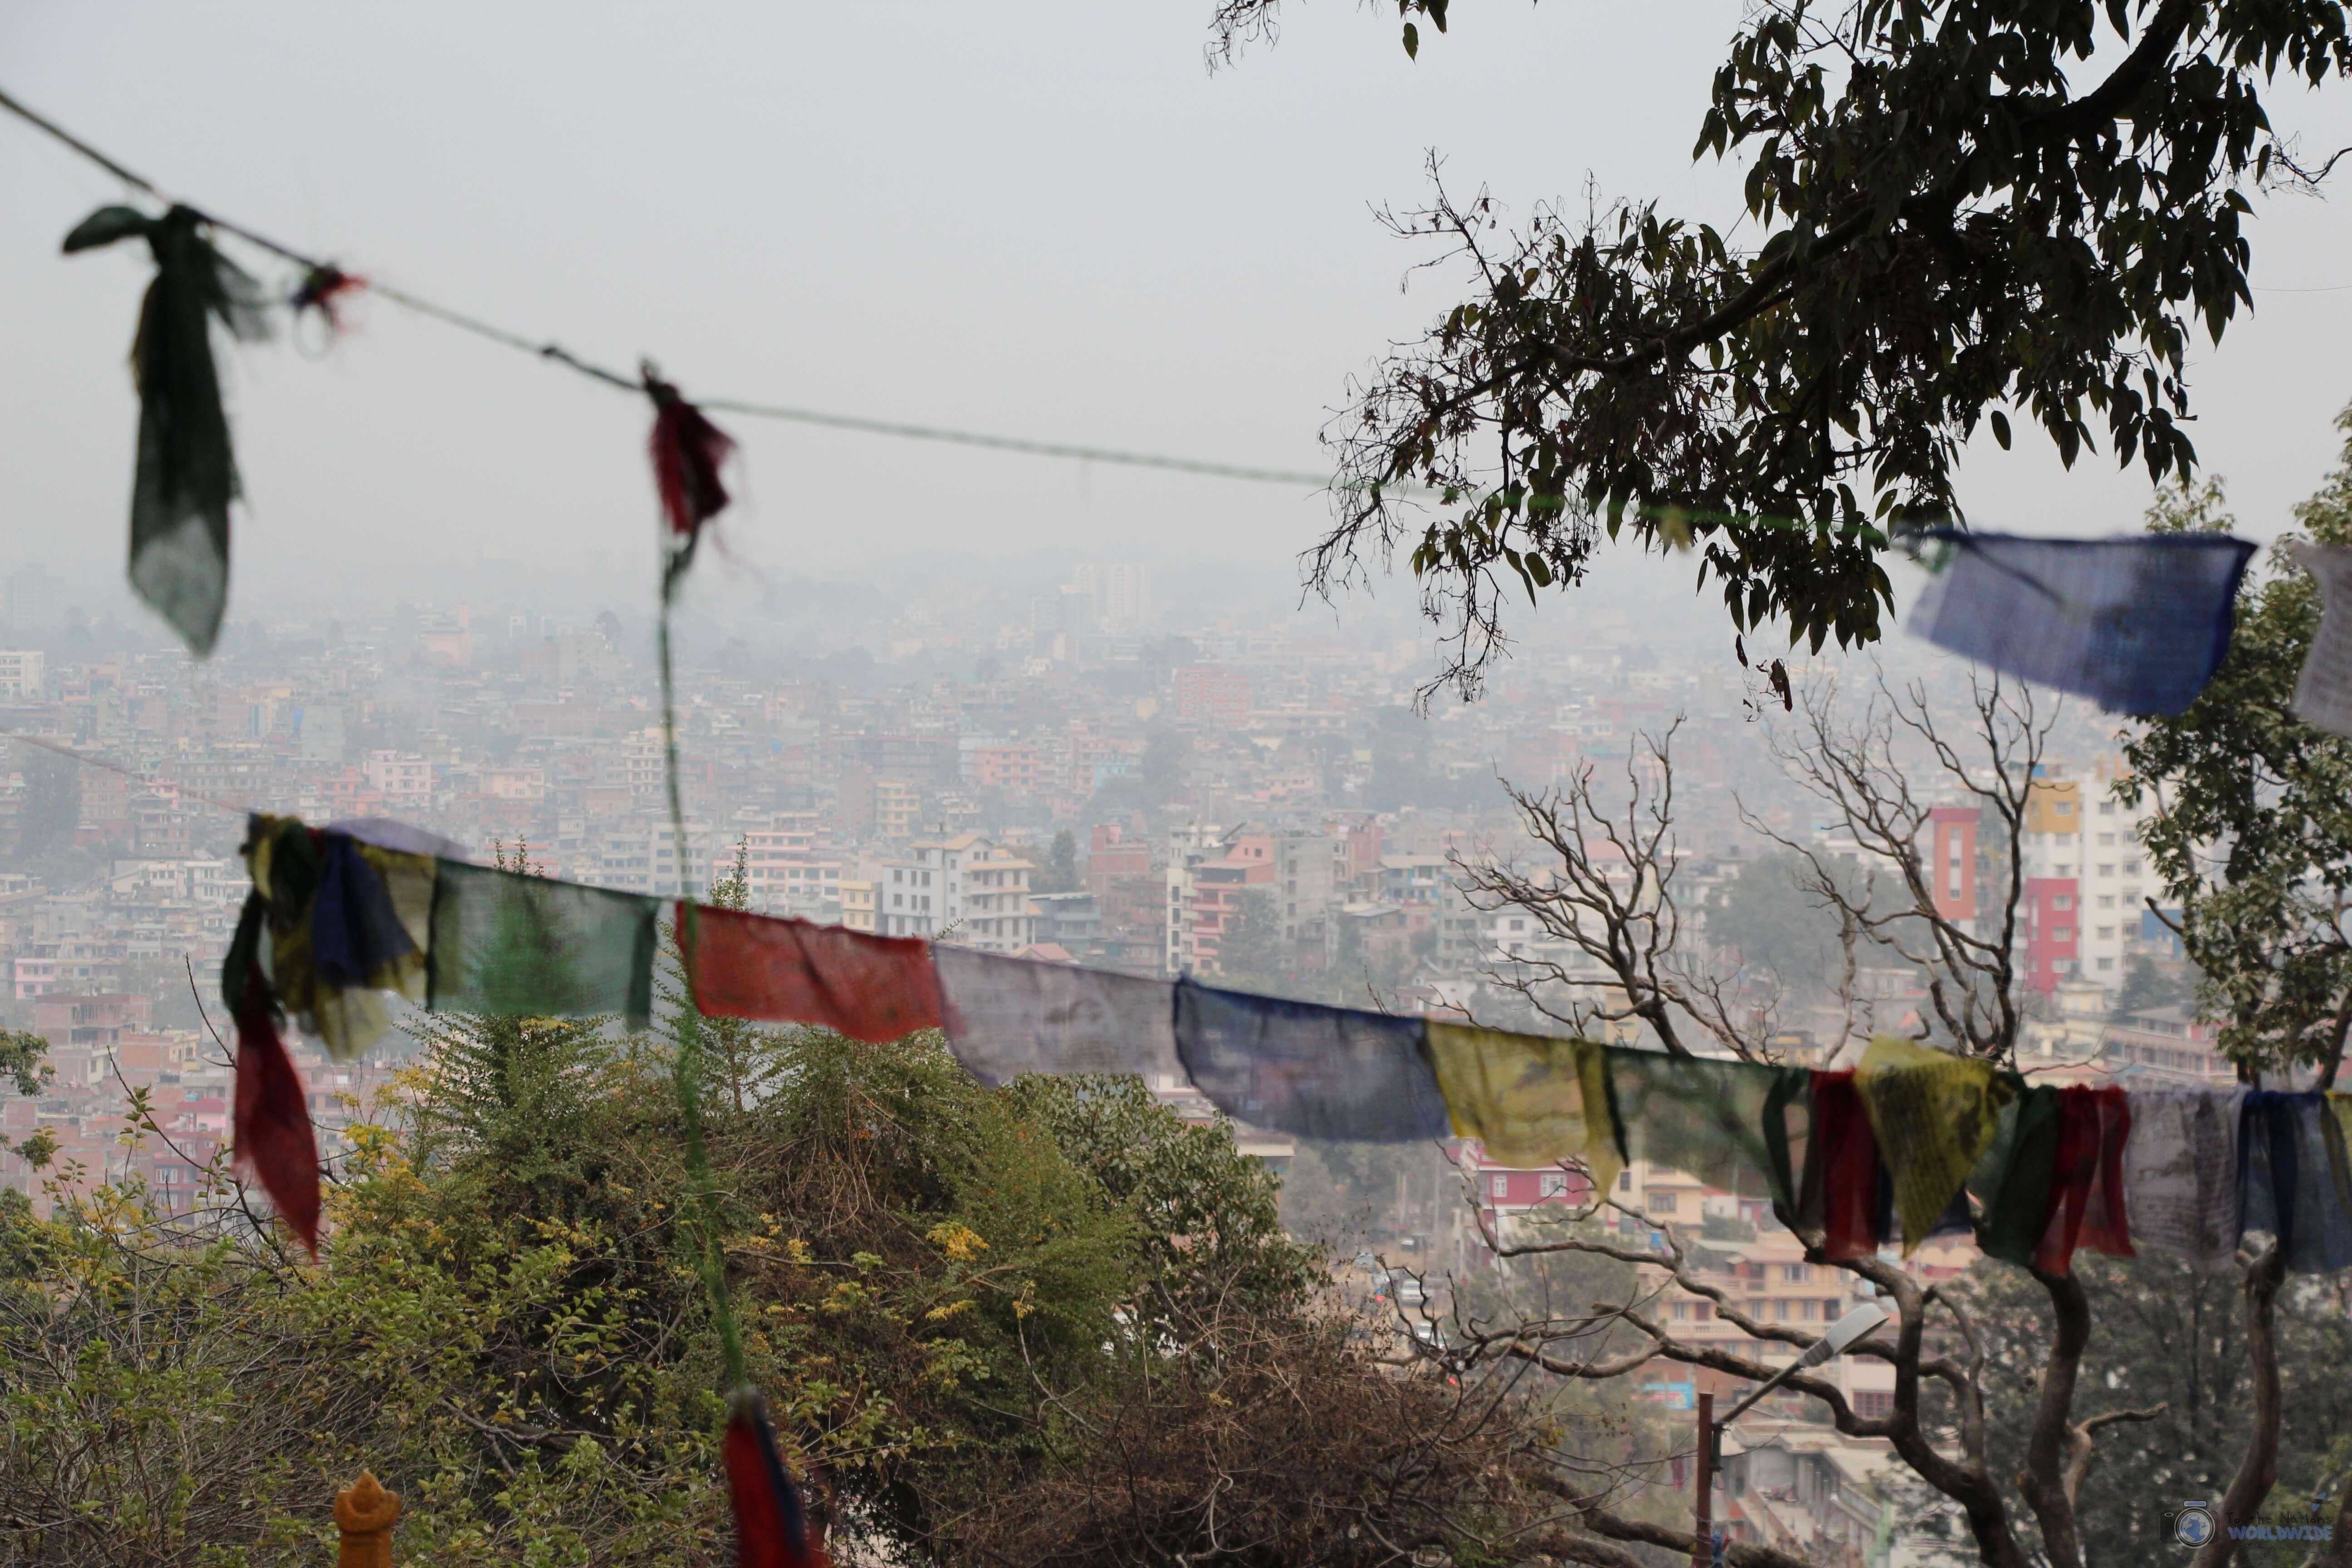 View from Swayambhunath Monkey Temple, Kathmandu, Nepal